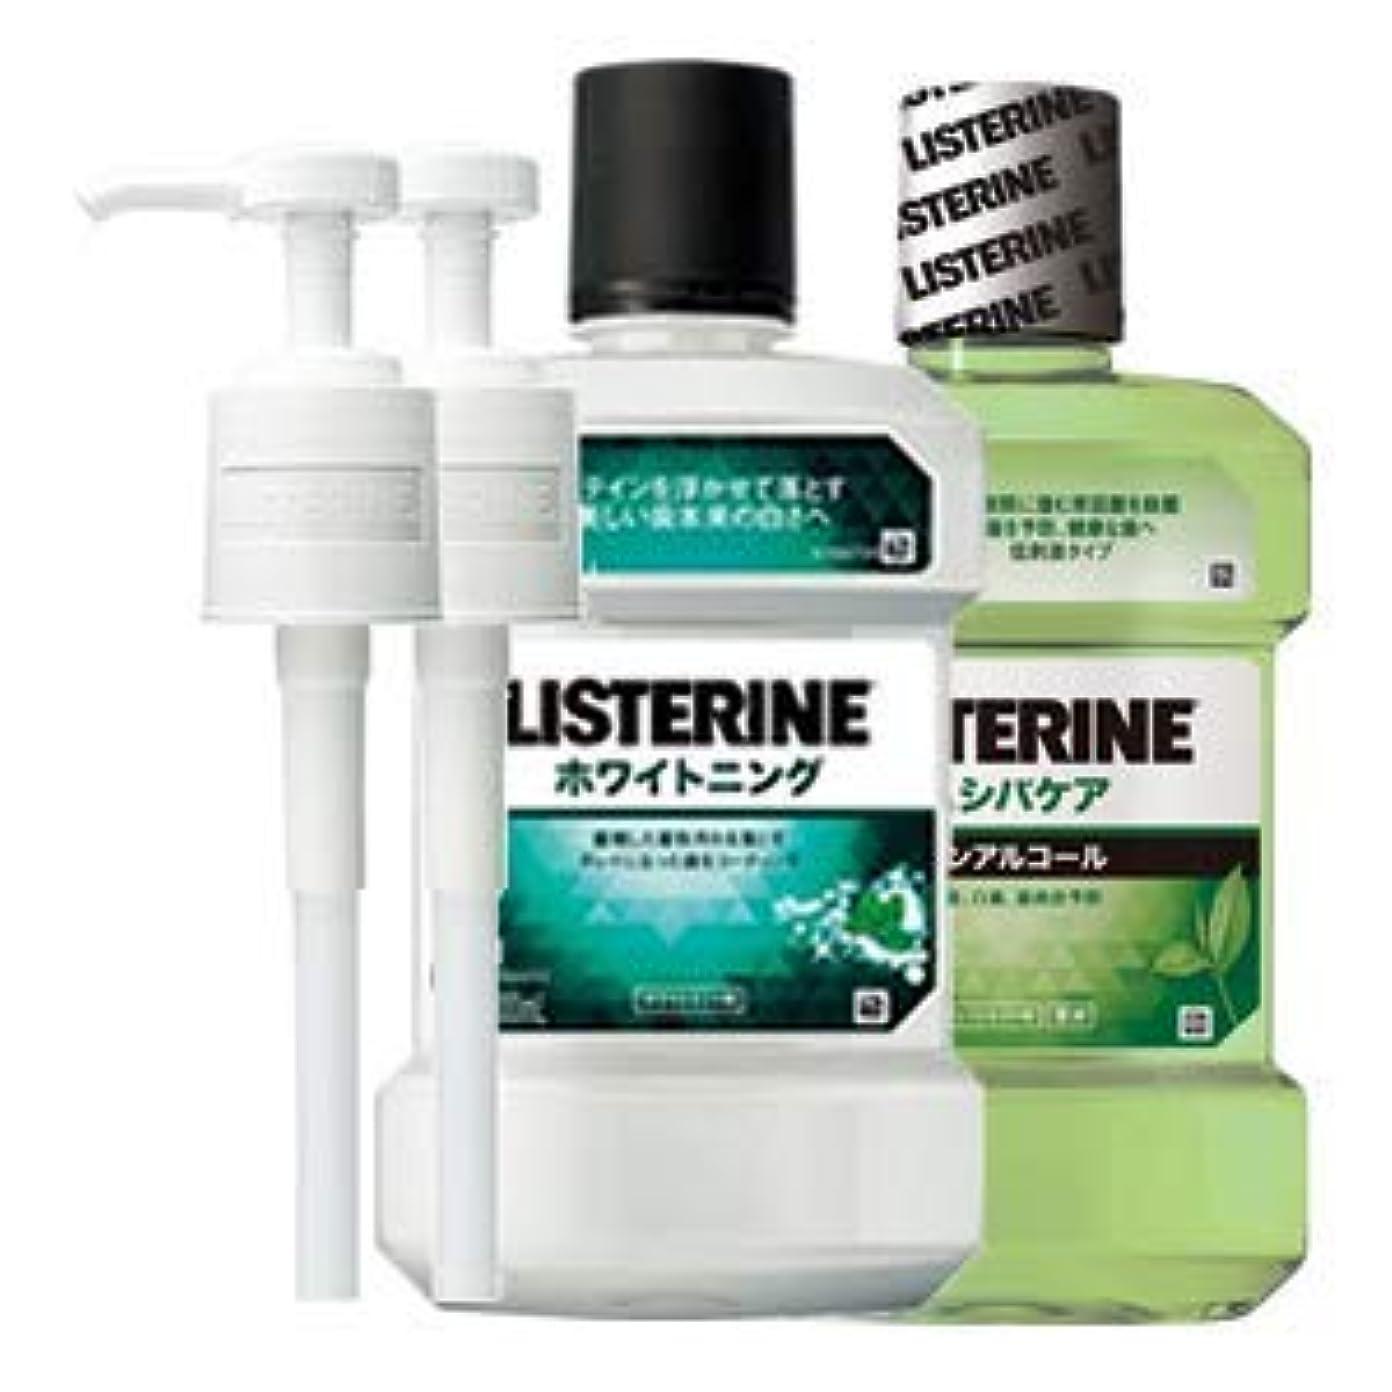 便宜皮肉な機会薬用 リステリン ホワイトニング ムシバケア 1000mL 2点セット (ポンプ付)